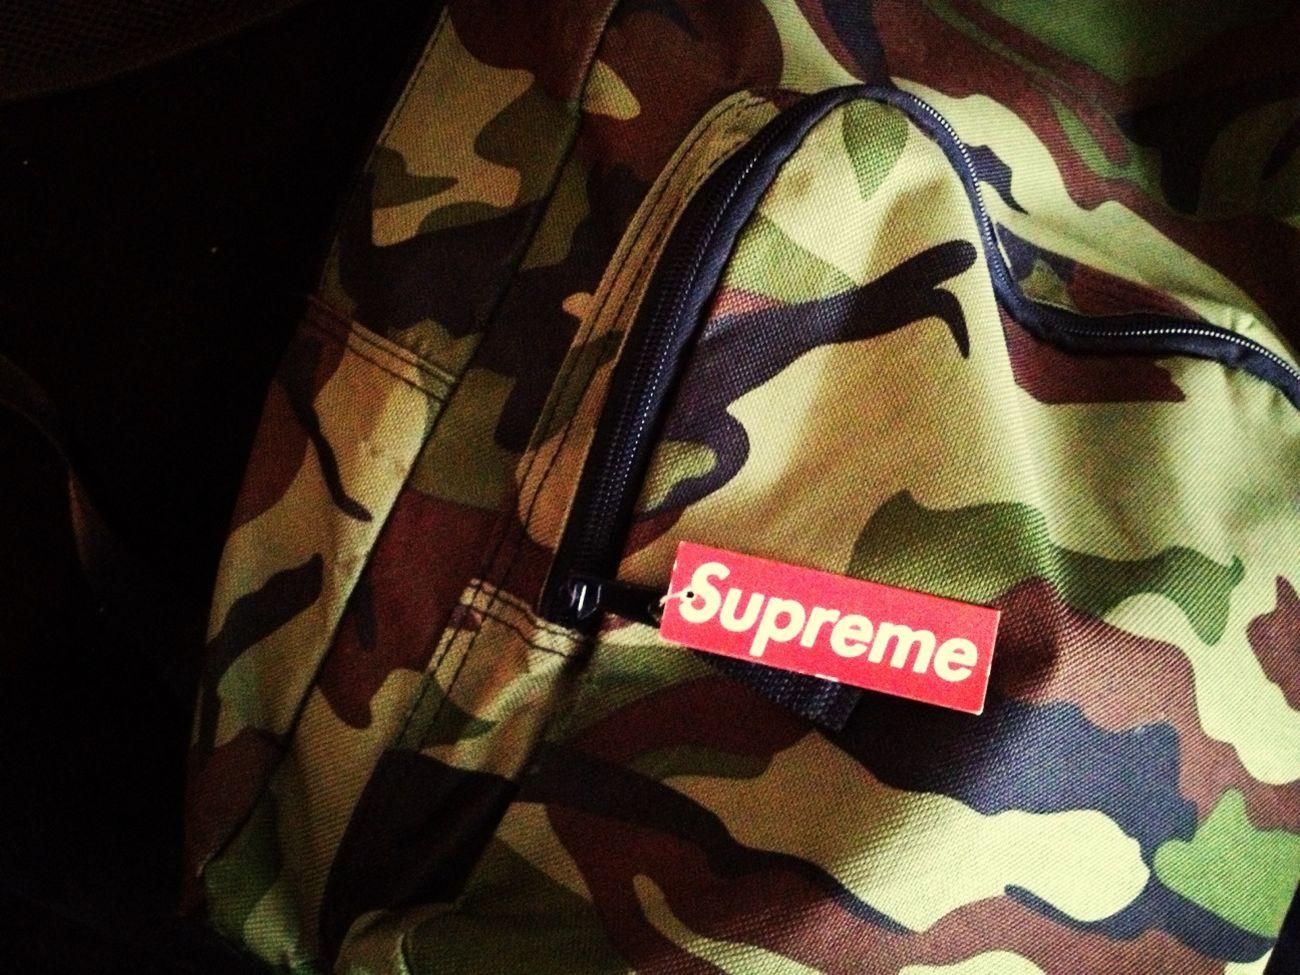 New Supreme Bag.